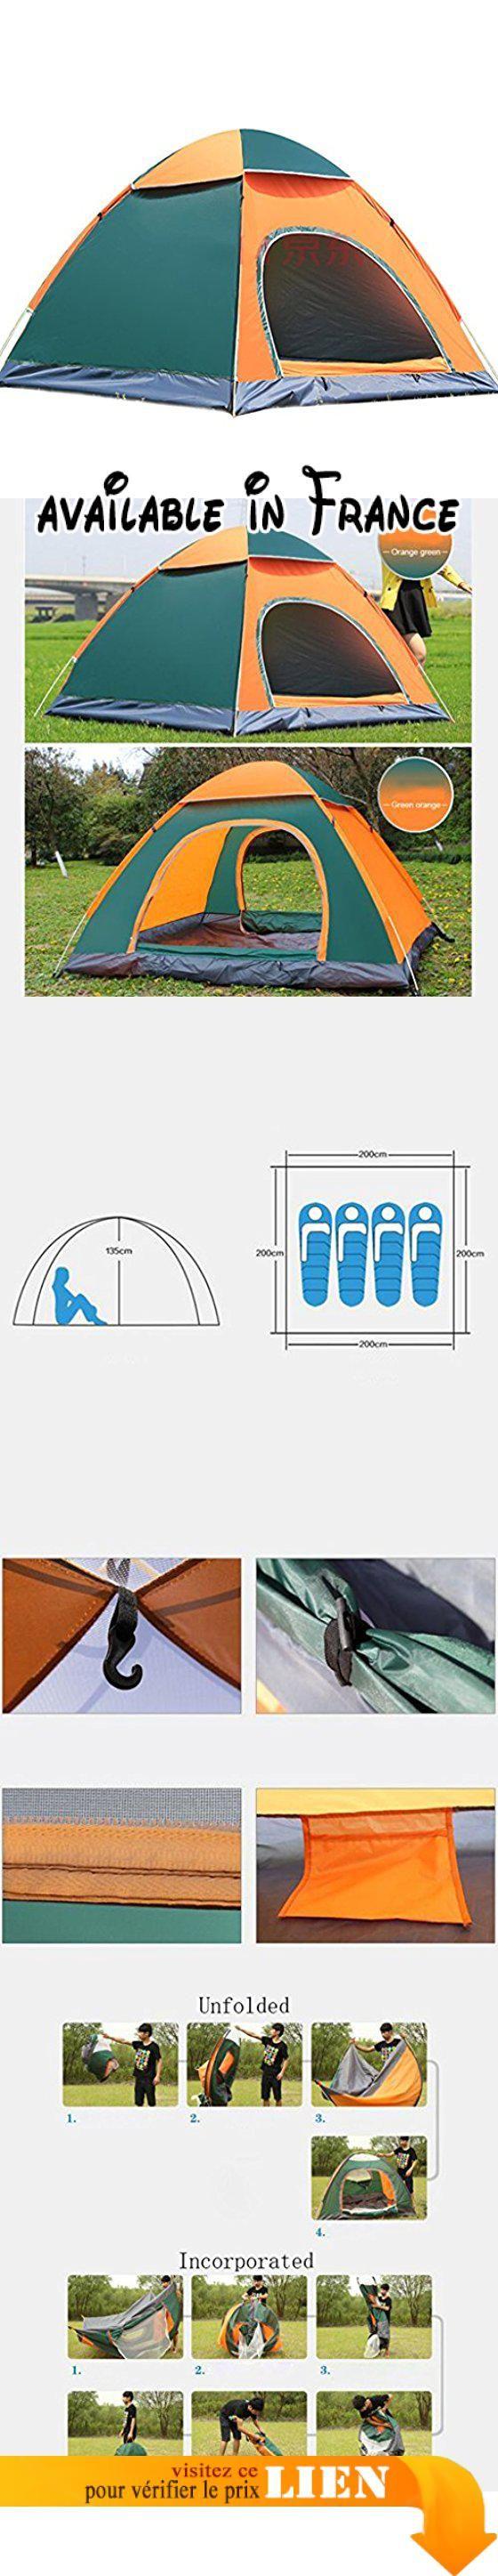 B073TWD4FJ : Deng Tente extérieure 3-4 personnes tente automatique de camping camping tentes orange vert. Y compris la taille de la tente: 200  200  135cm. La technologie du système de dégâts d'eau - une tente construite en une seconde il est facile de tomber.. Deux portes offrent un accès rapide. Peut être utilisé seul comme pavillon pavé au fond canne à pêche auvent et ainsi de suite. Durable robuste 210 T PU tissu eau de pluie éclaboussures et imperméable